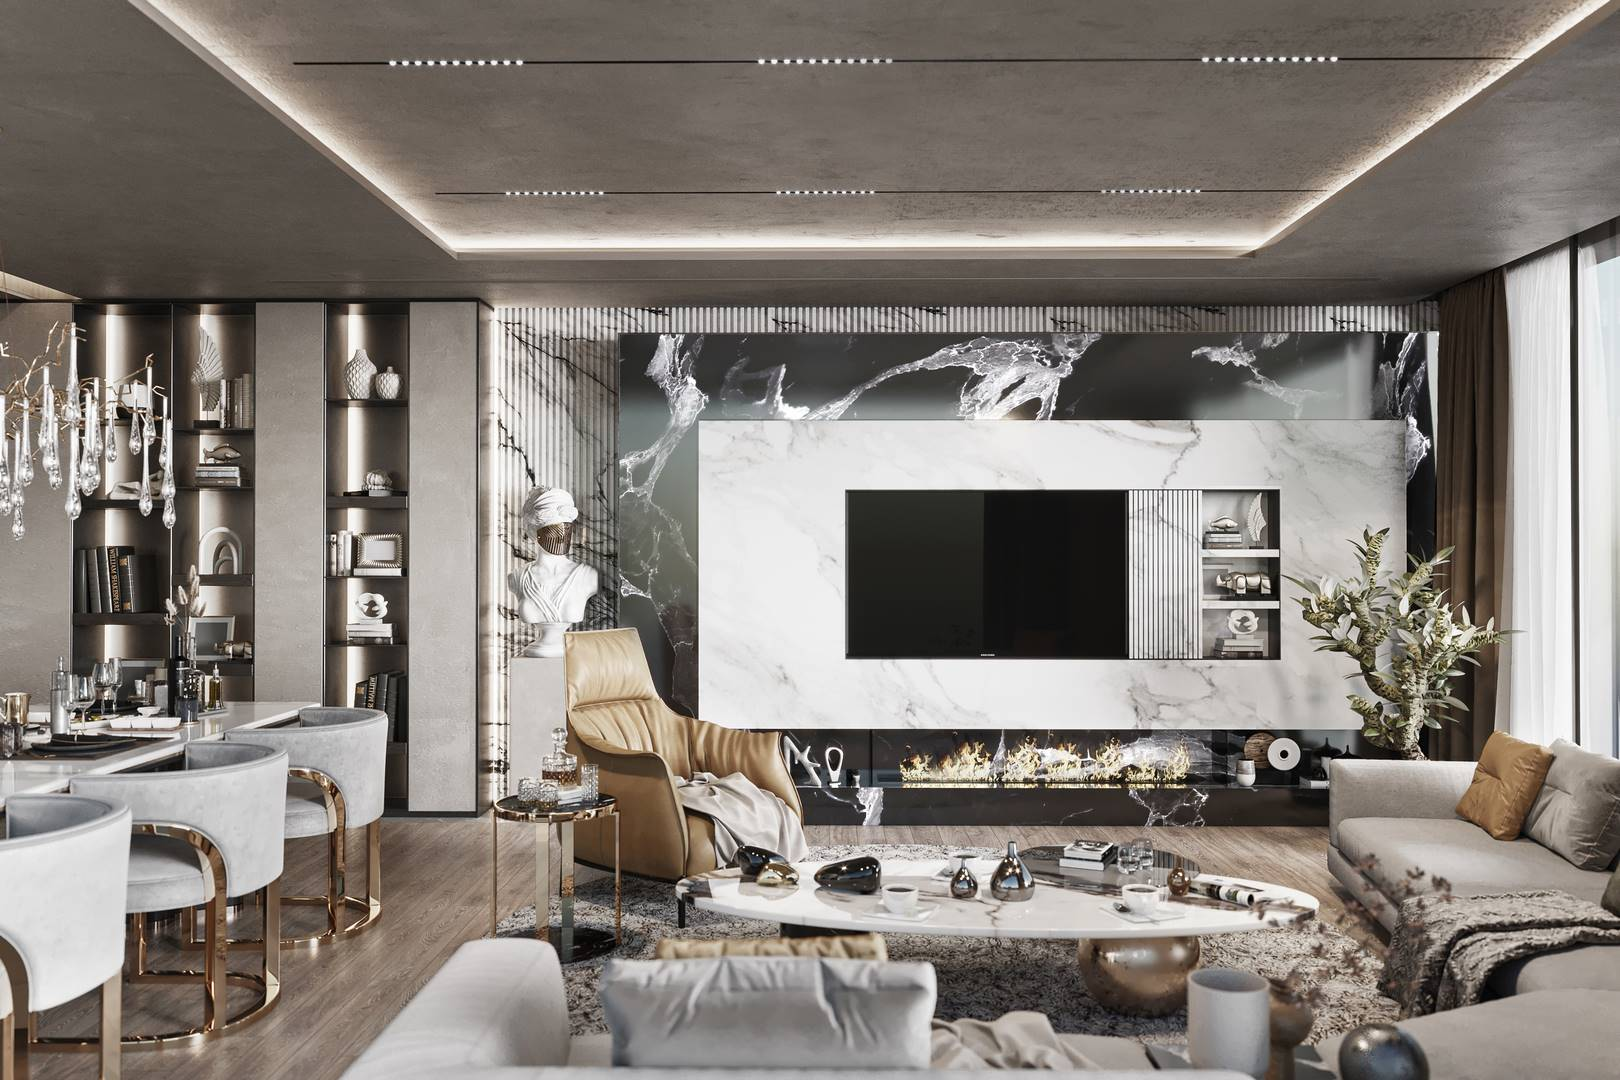 Emaar Residence Salon iç mimari tasarımı